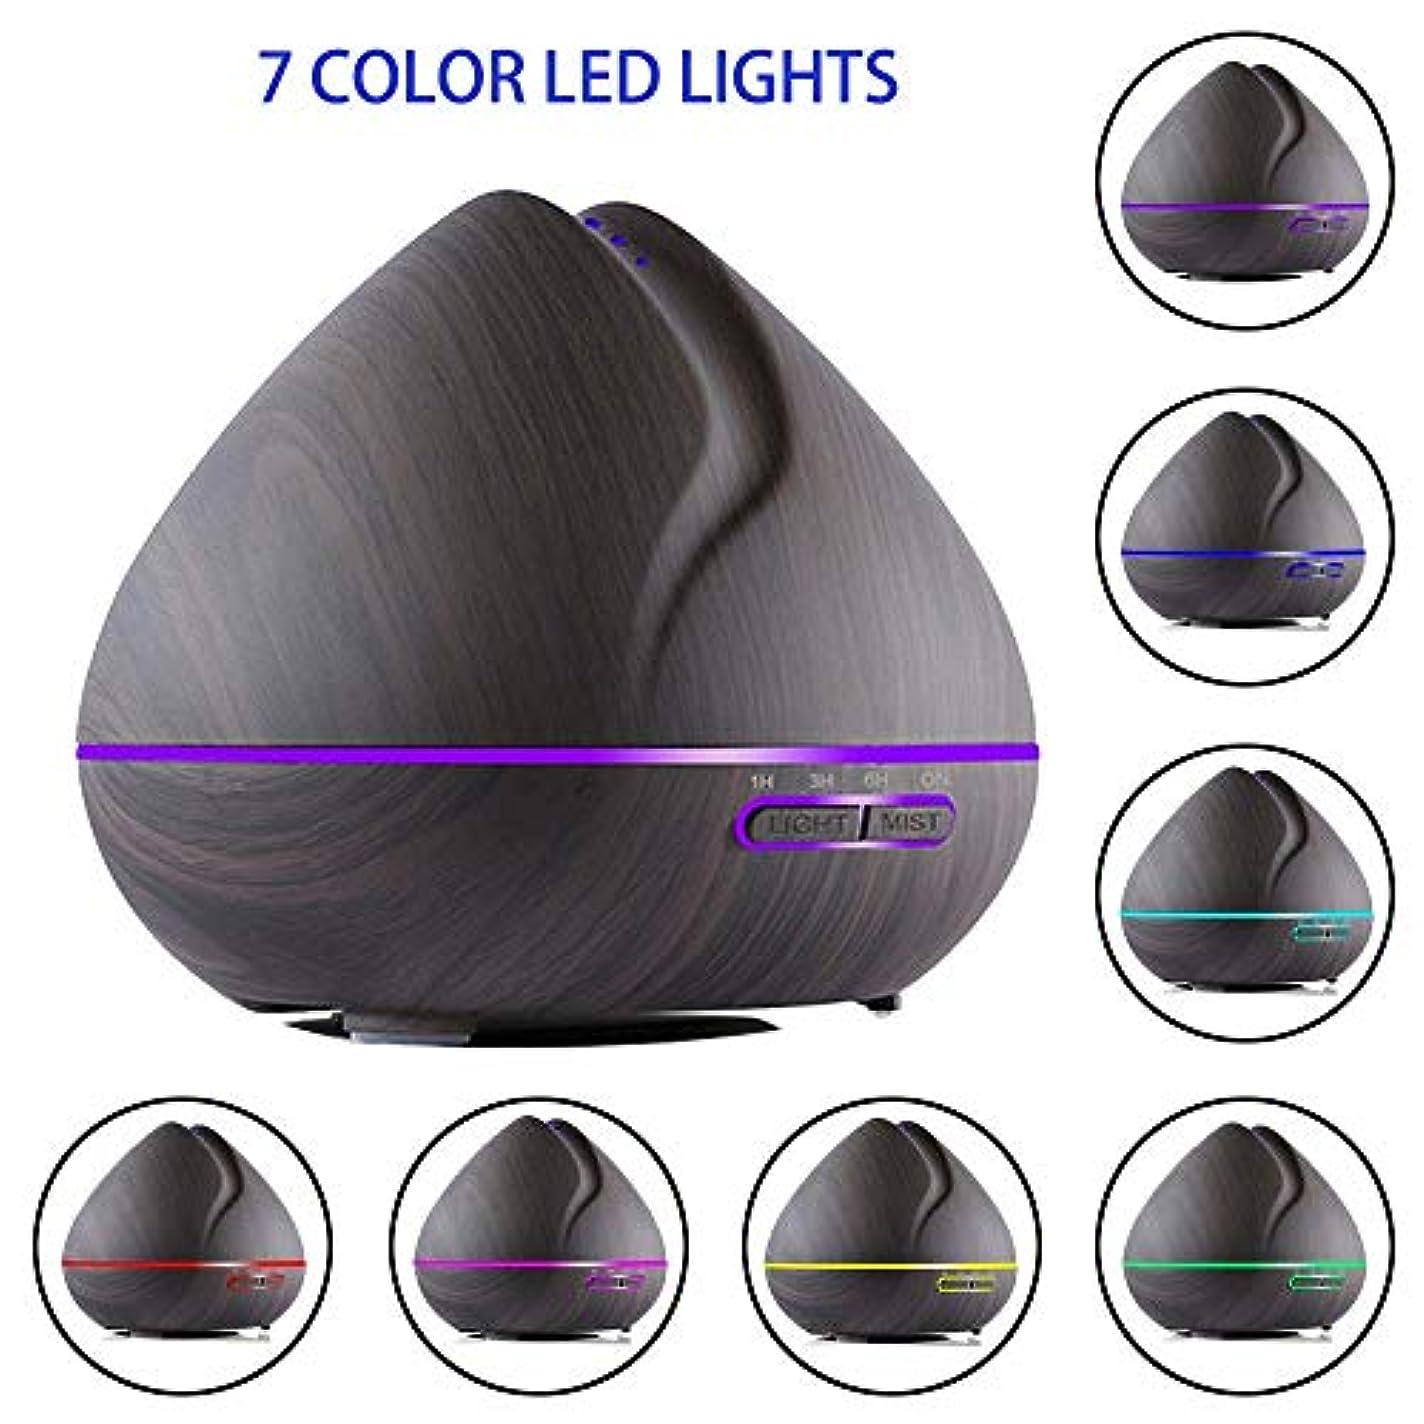 郵便番号曲げる優先アロマテラピーエッセンシャルオイルディフューザーウッドグレイン500ミリリットル超音波アロマクールミスト加湿器で7色ledライト/ウォーターレス自動シャットダウン/ 3タイマー設定